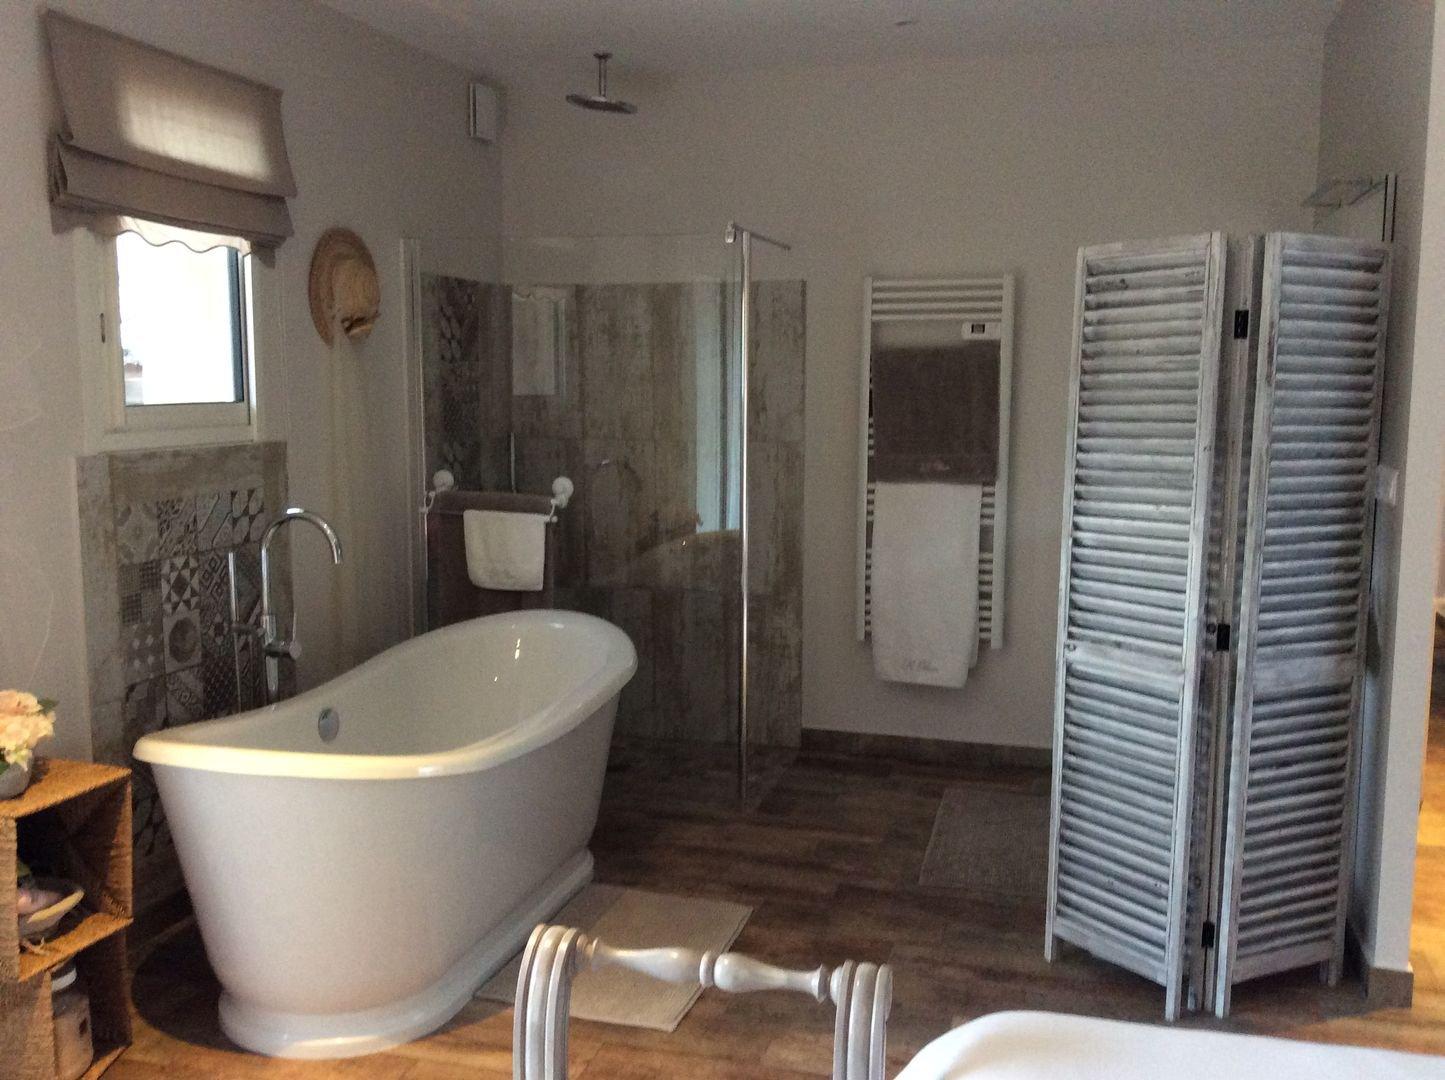 Maison 4 chambres, piscine + 100m2 à aménager